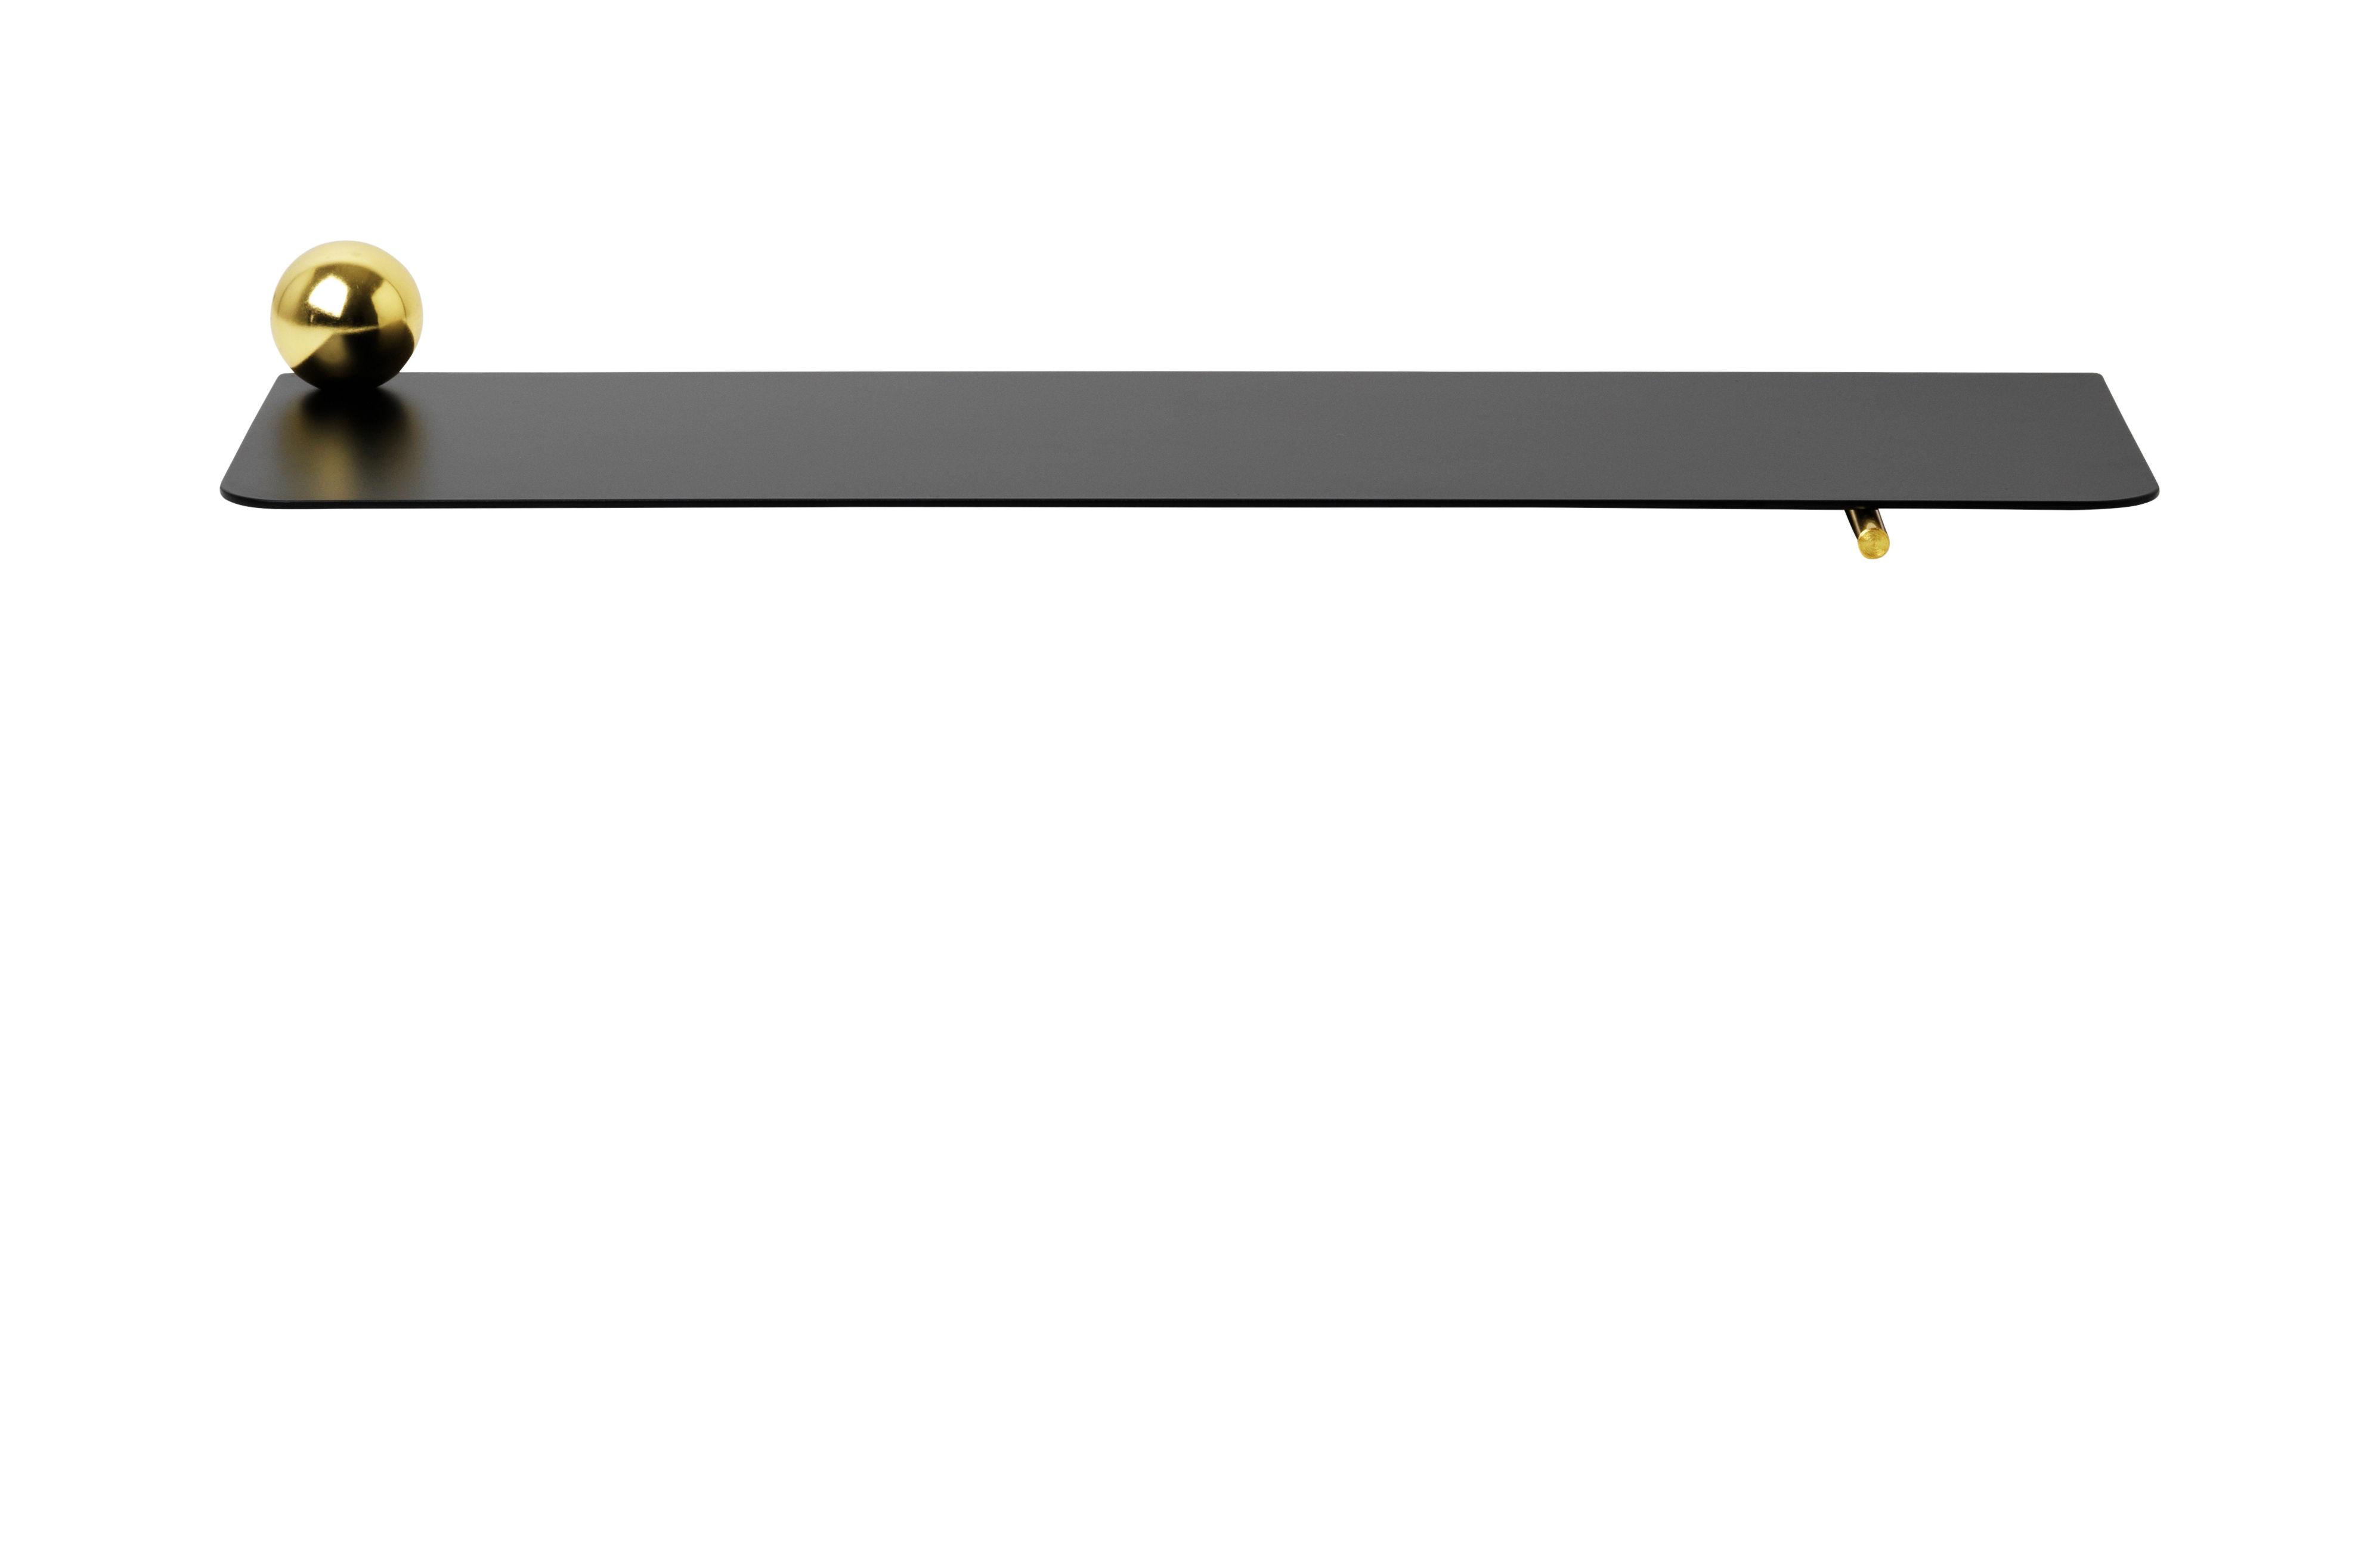 Mobilier - Etagères & bibliothèques - Etagère Flying Sphère / L 60 x H 6,3 cm - Ferm Living - Noir & laiton - Laiton, Métal laqué époxy